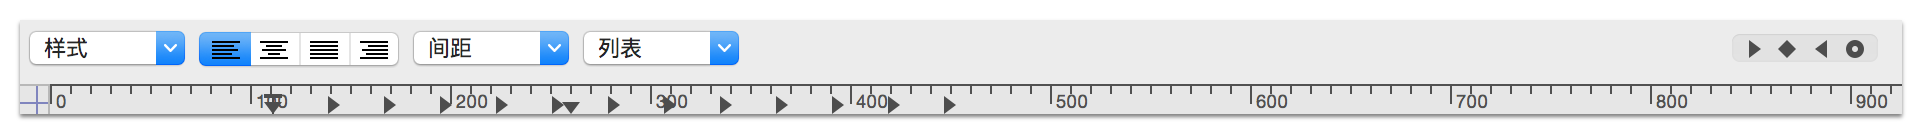 带文字控制项的检查器栏